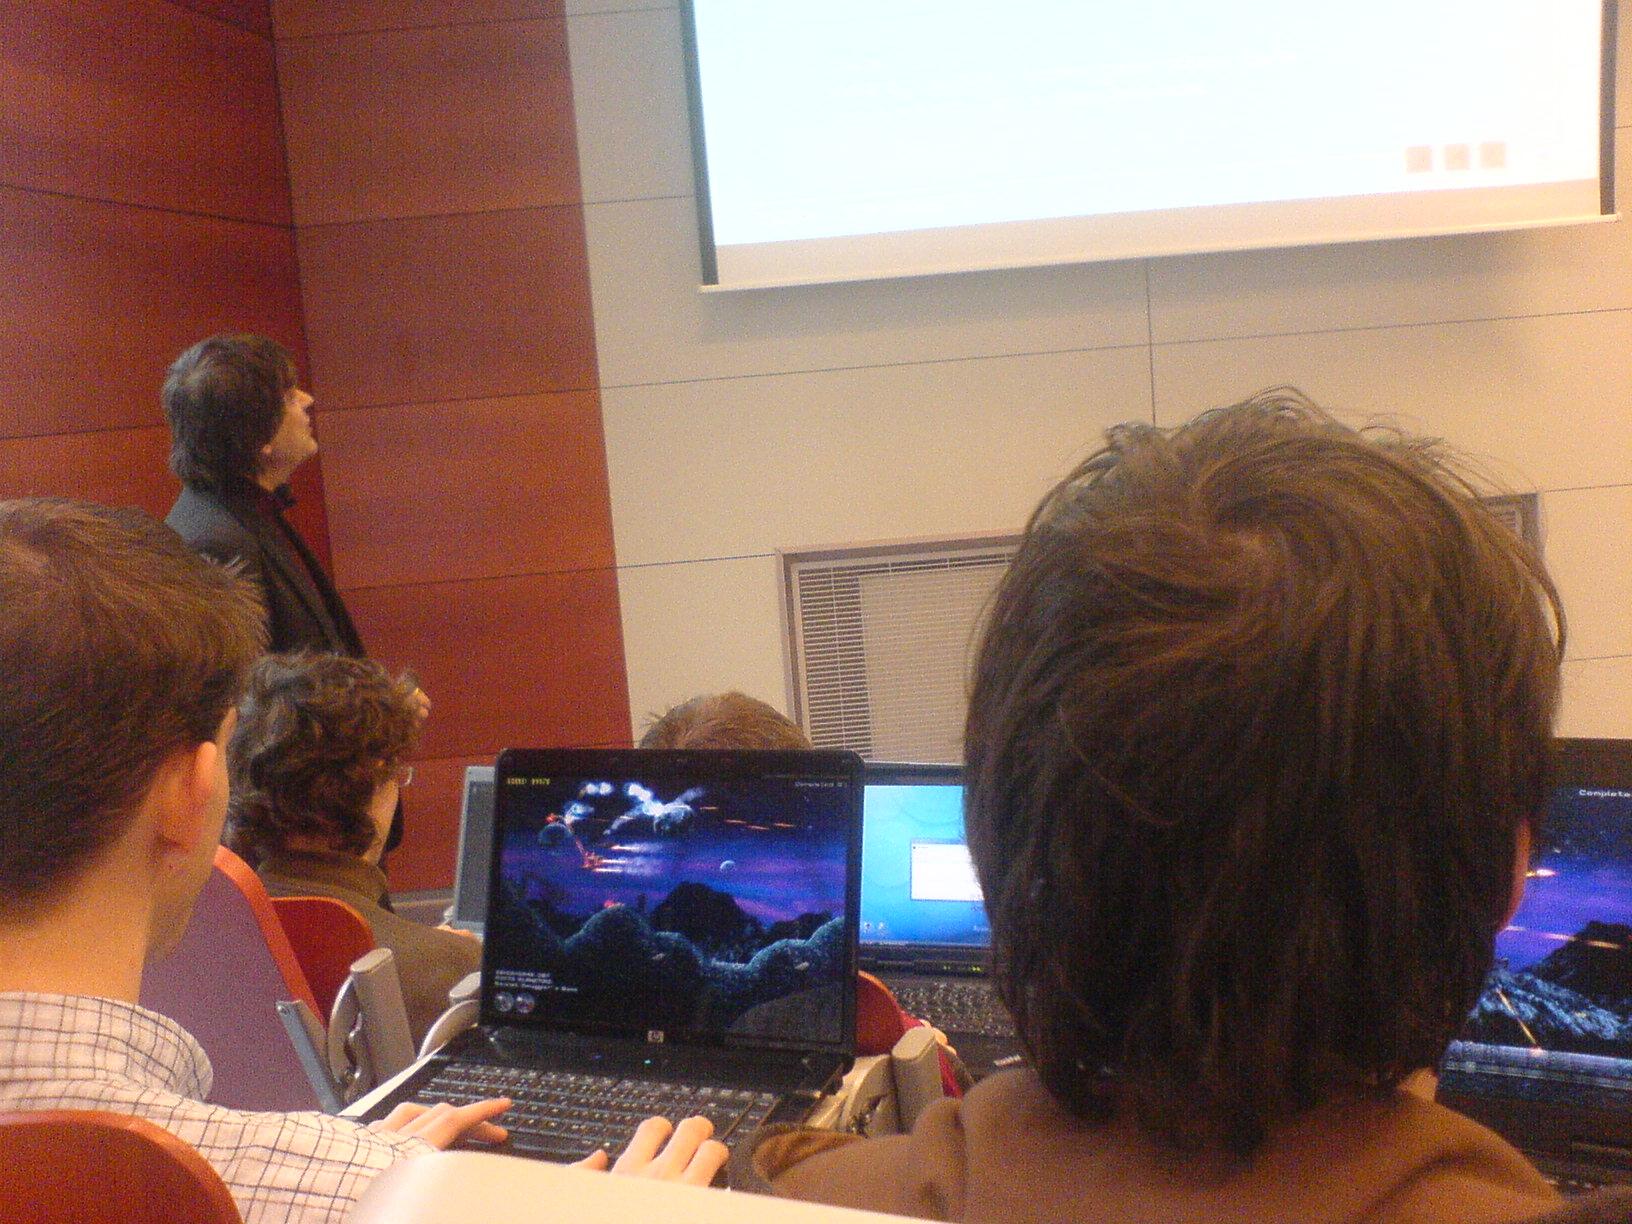 Přednáška - tvorba elektrotechnické dokumentace. Dva studenti hrají hru, prakticky vedle přednášejícího.